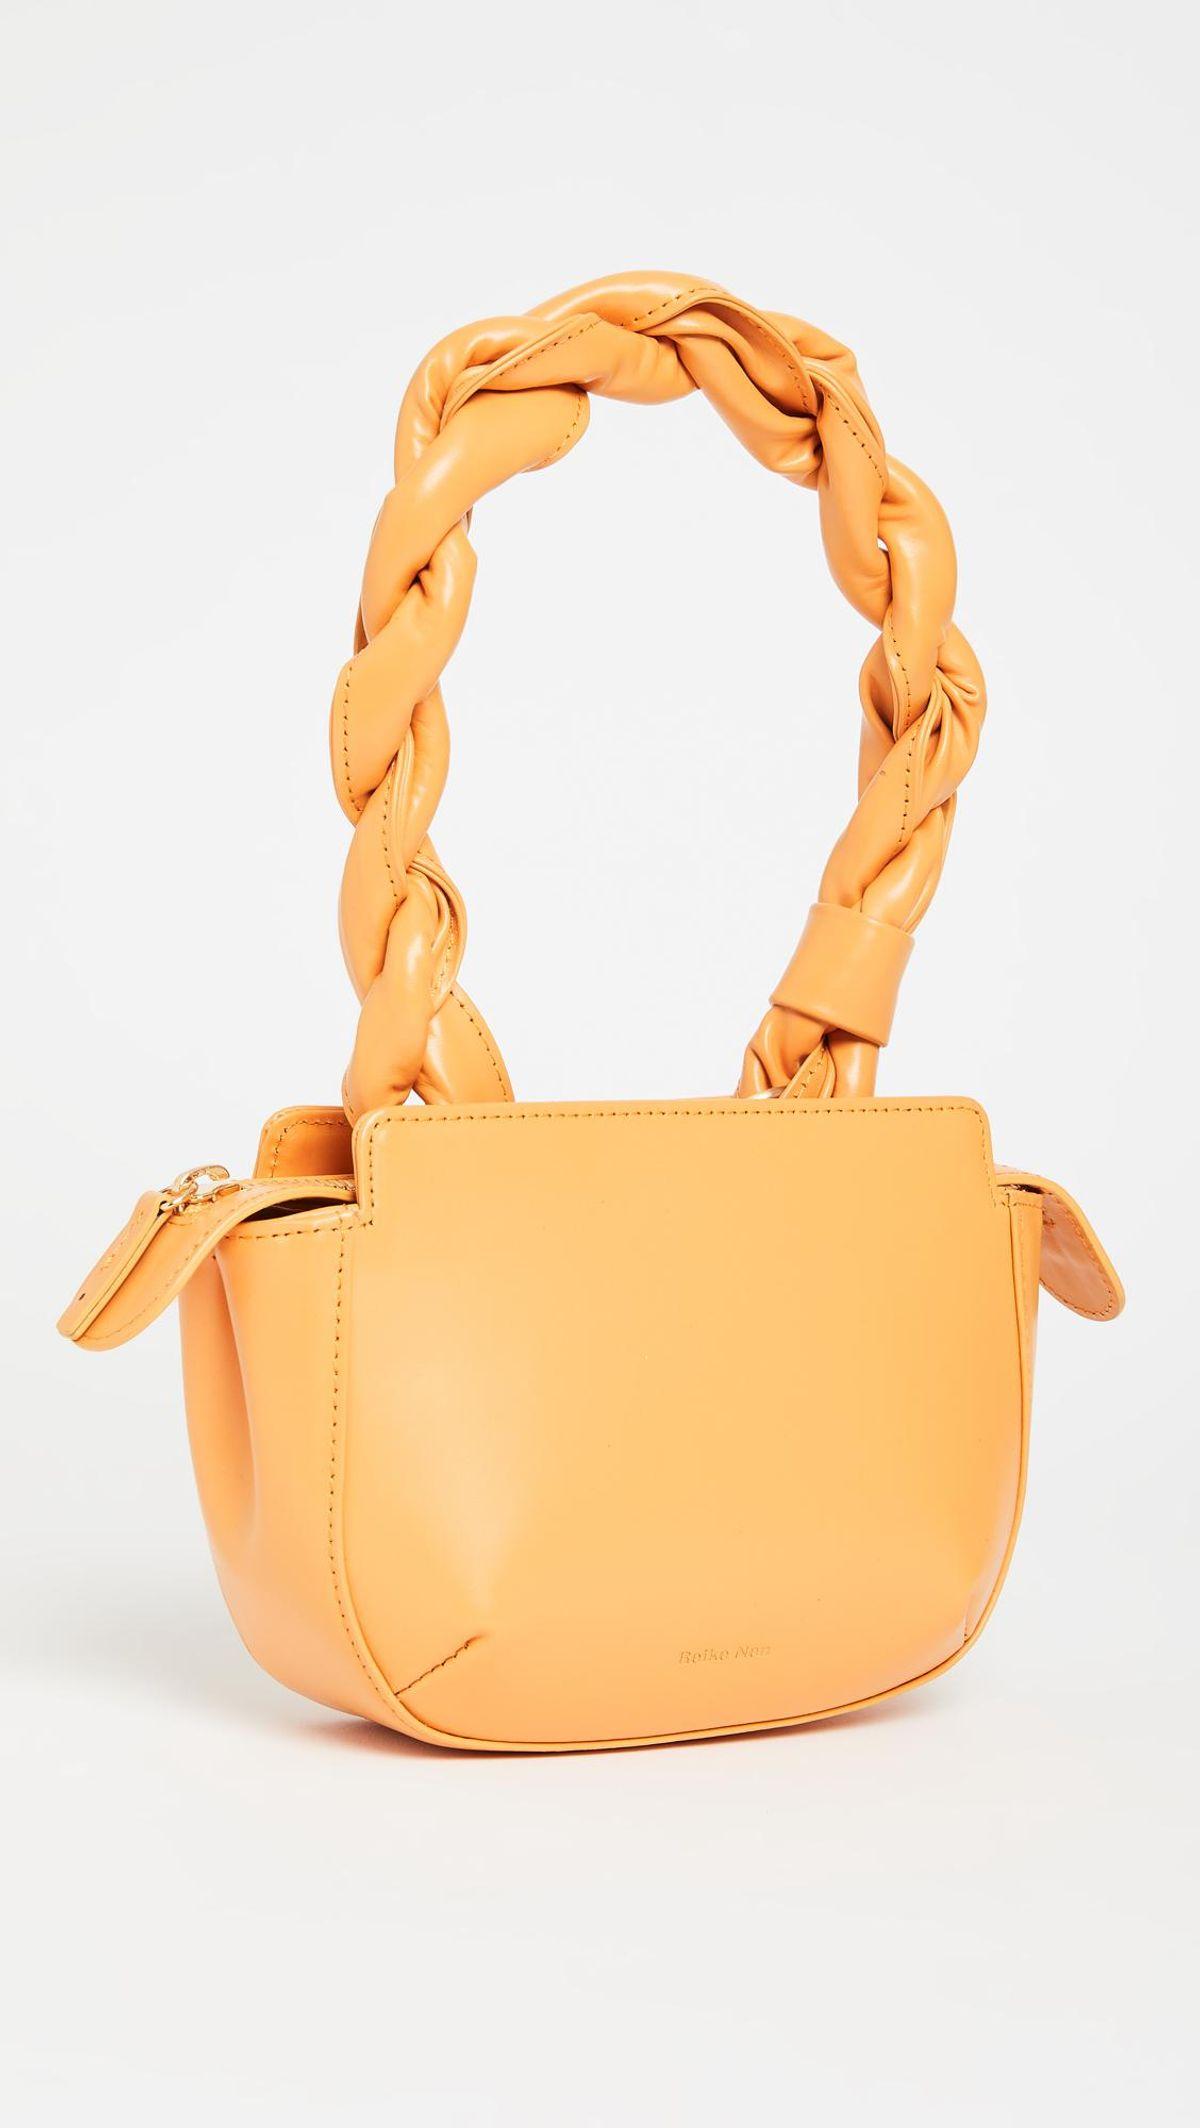 Twisty Bag